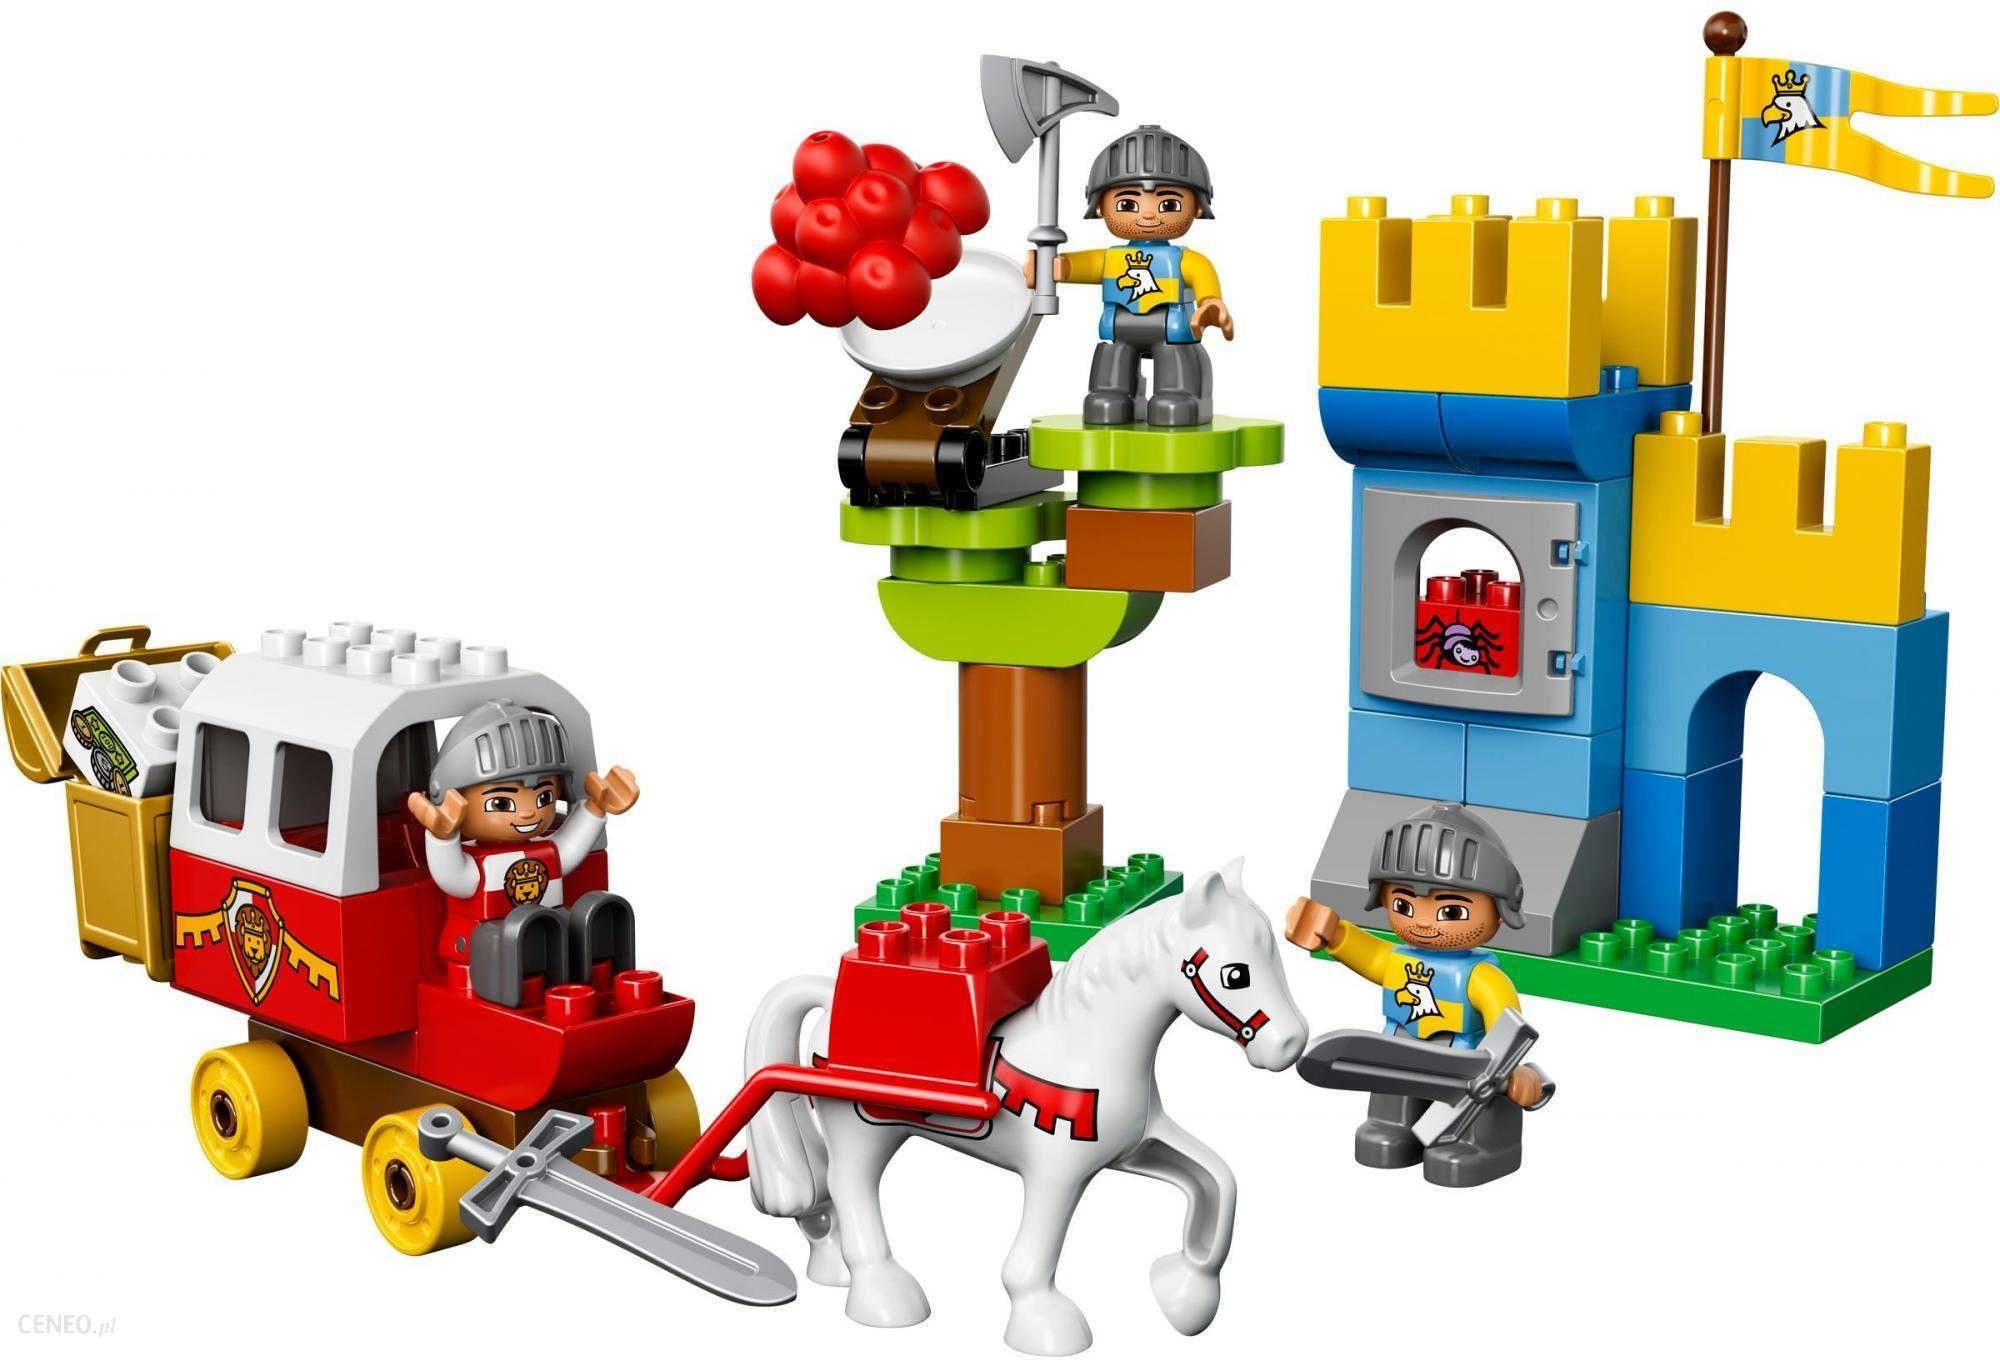 Klocki Lego Duplo Wielki Skarb 10569 Ceny I Opinie Ceneopl